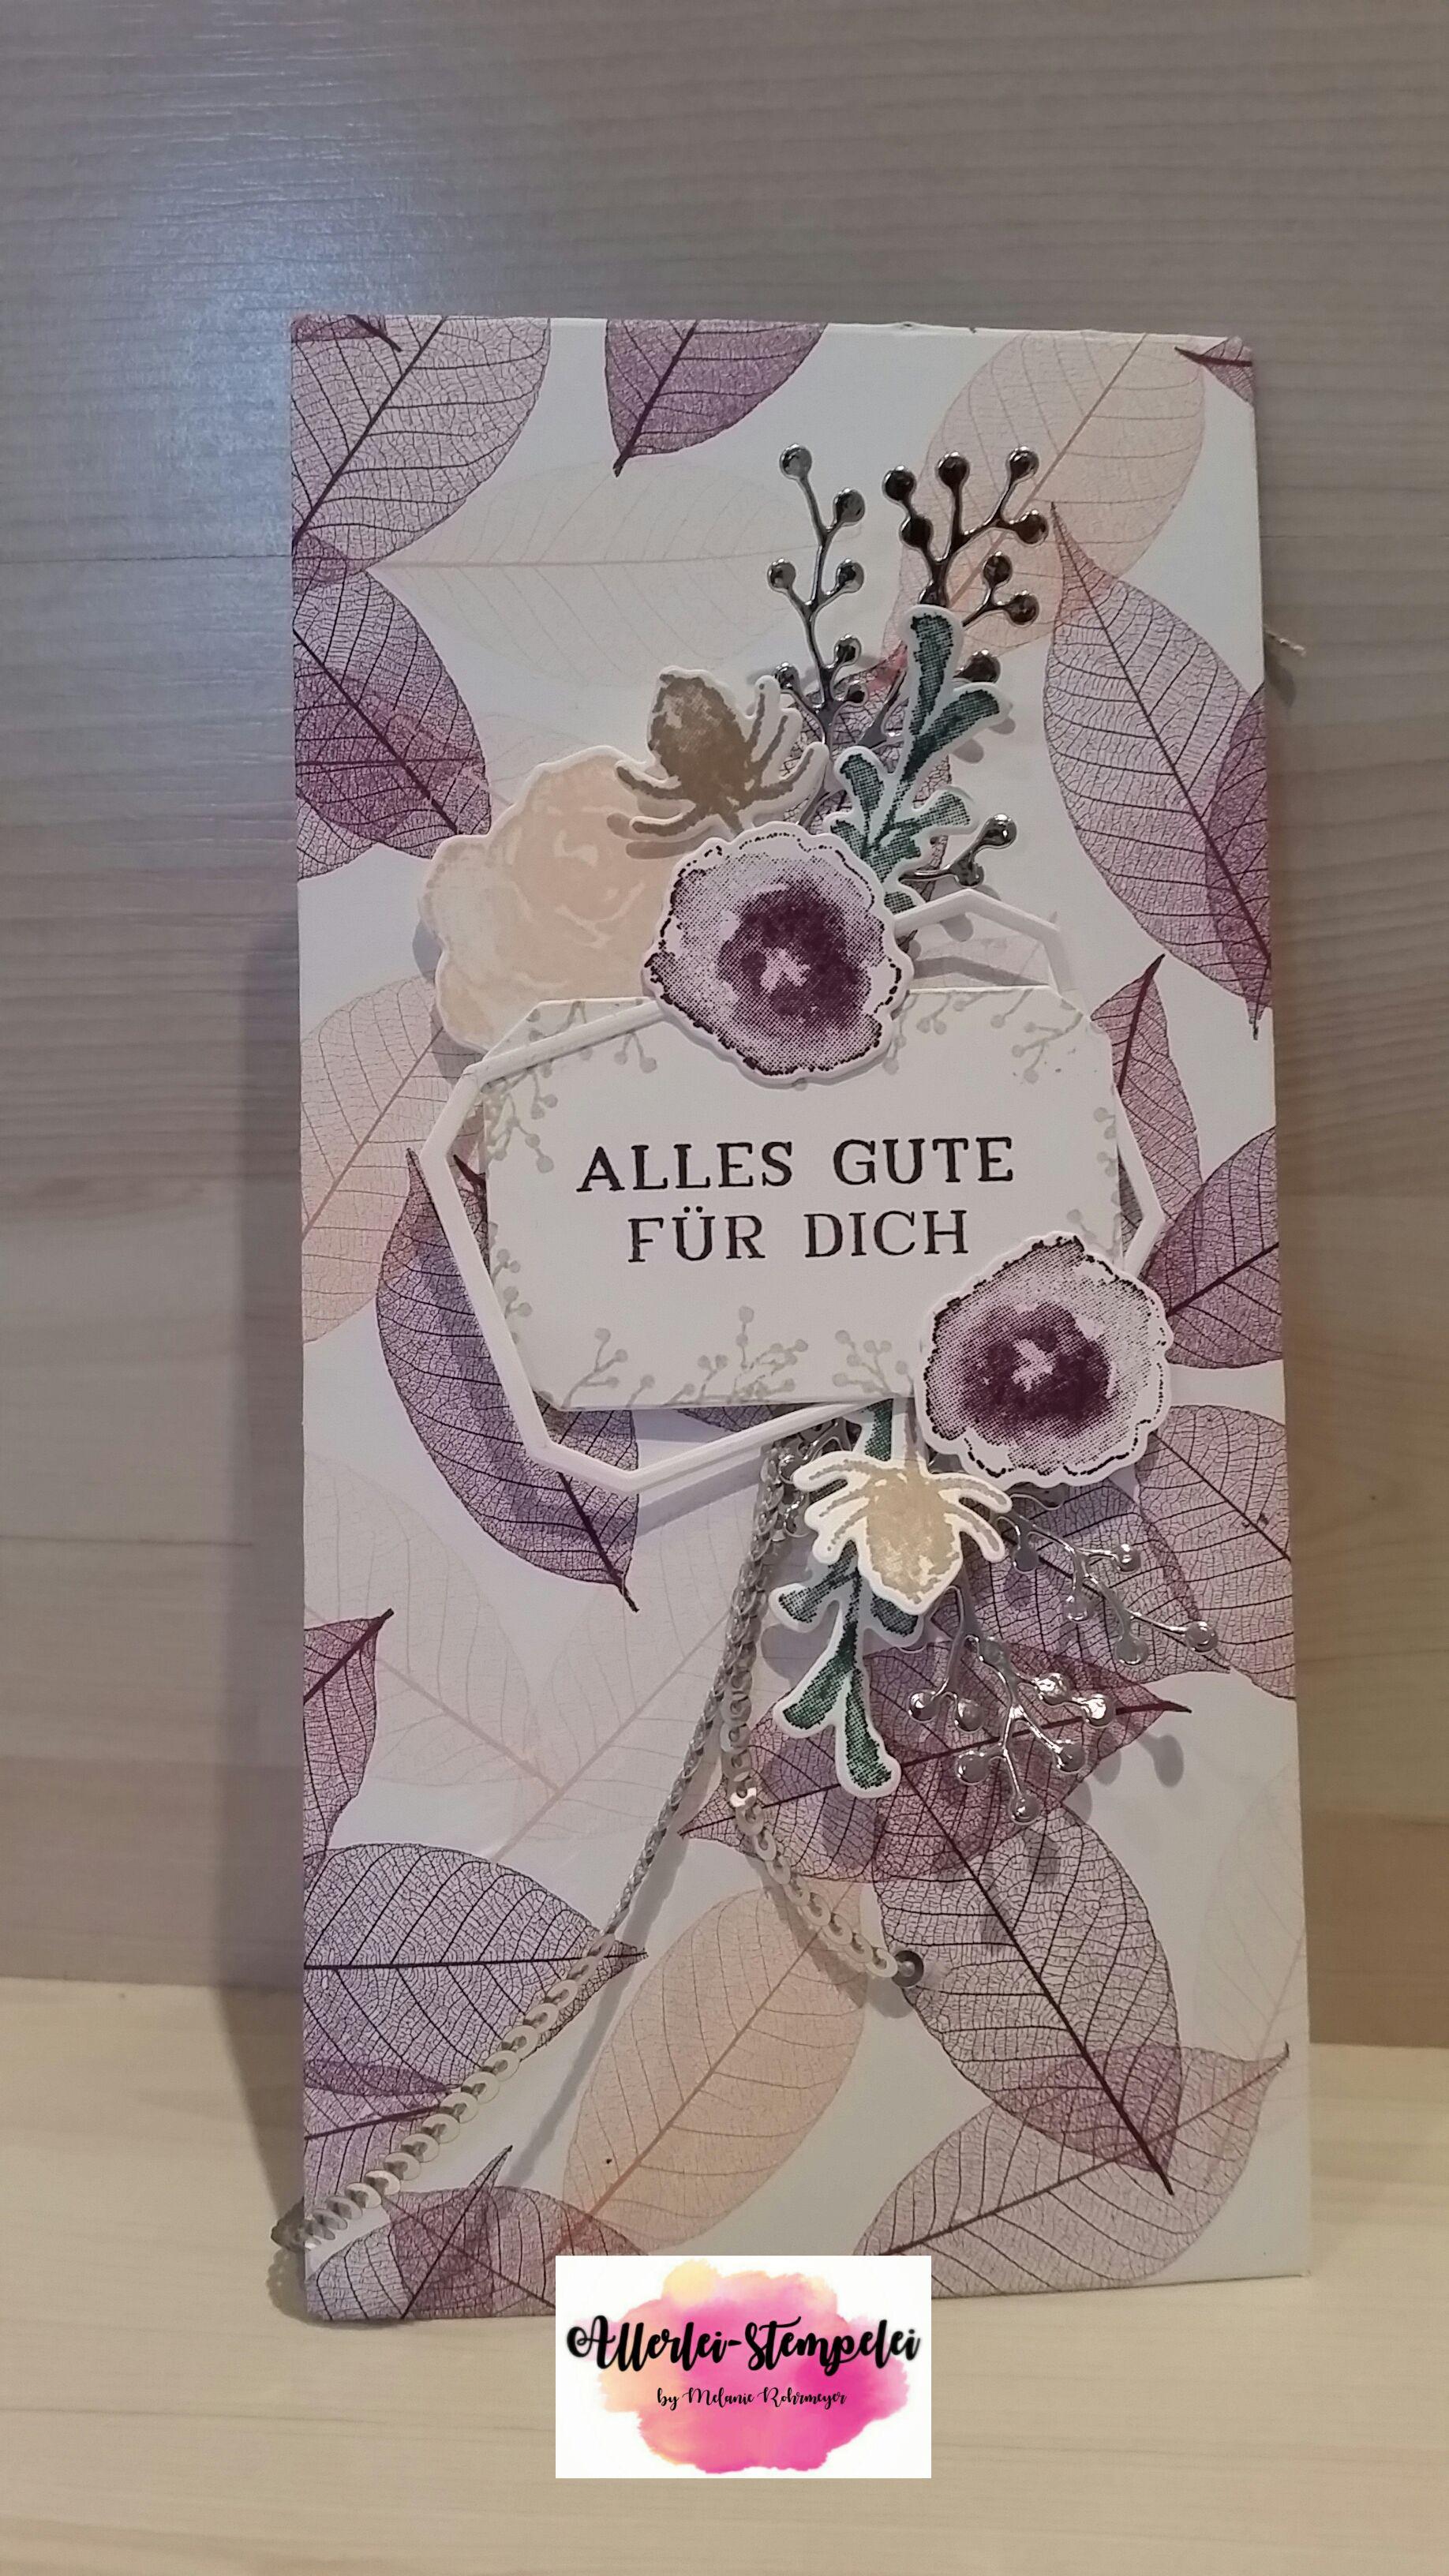 Konzert Karten hübsch verpackt.Allerlei-stempelei | Allerlei-stempelei #konzertkartenverpacken